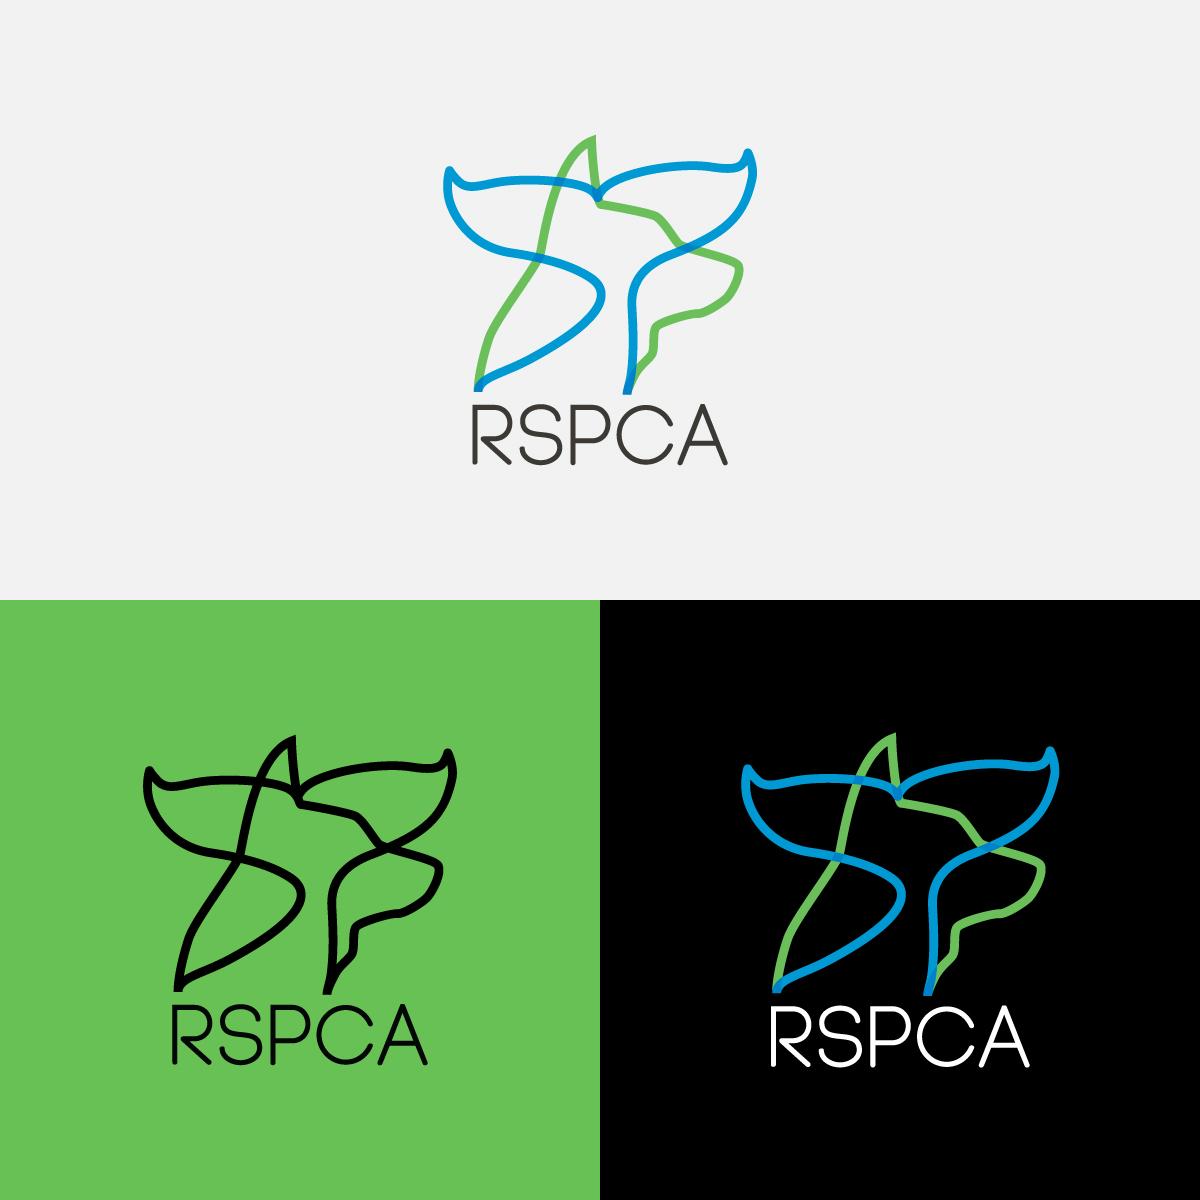 rspca_03.jpg